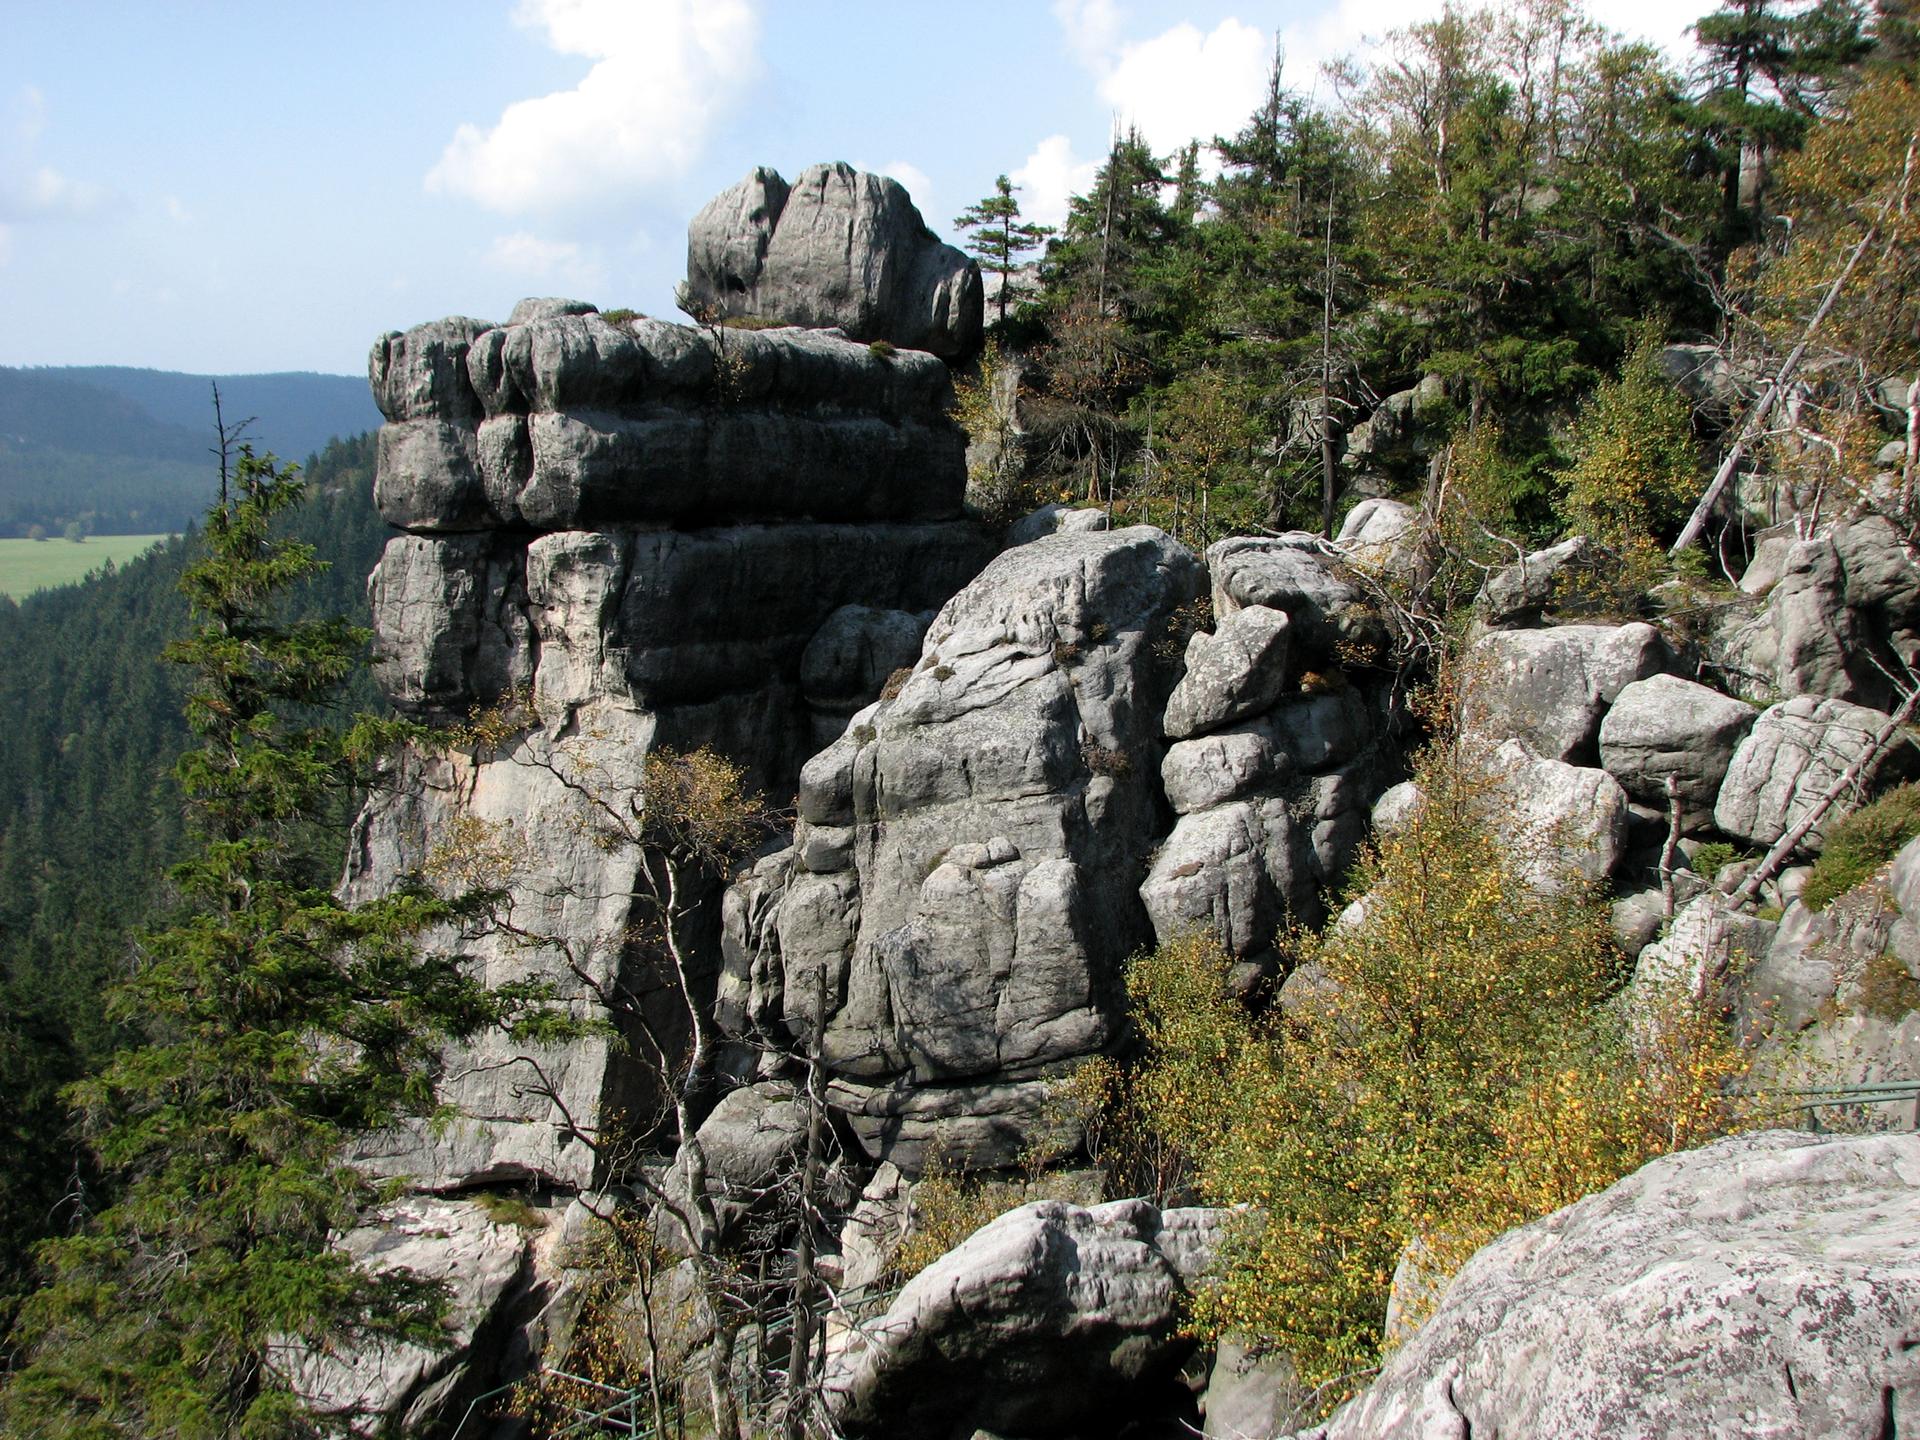 Fotografia przedstawia szare, spękane skały porośnięte drzewami. To rezerwat krajobrazowy Szczeliniec Wielki wGórach Stołowych wwojewództwie dolnośląskim.